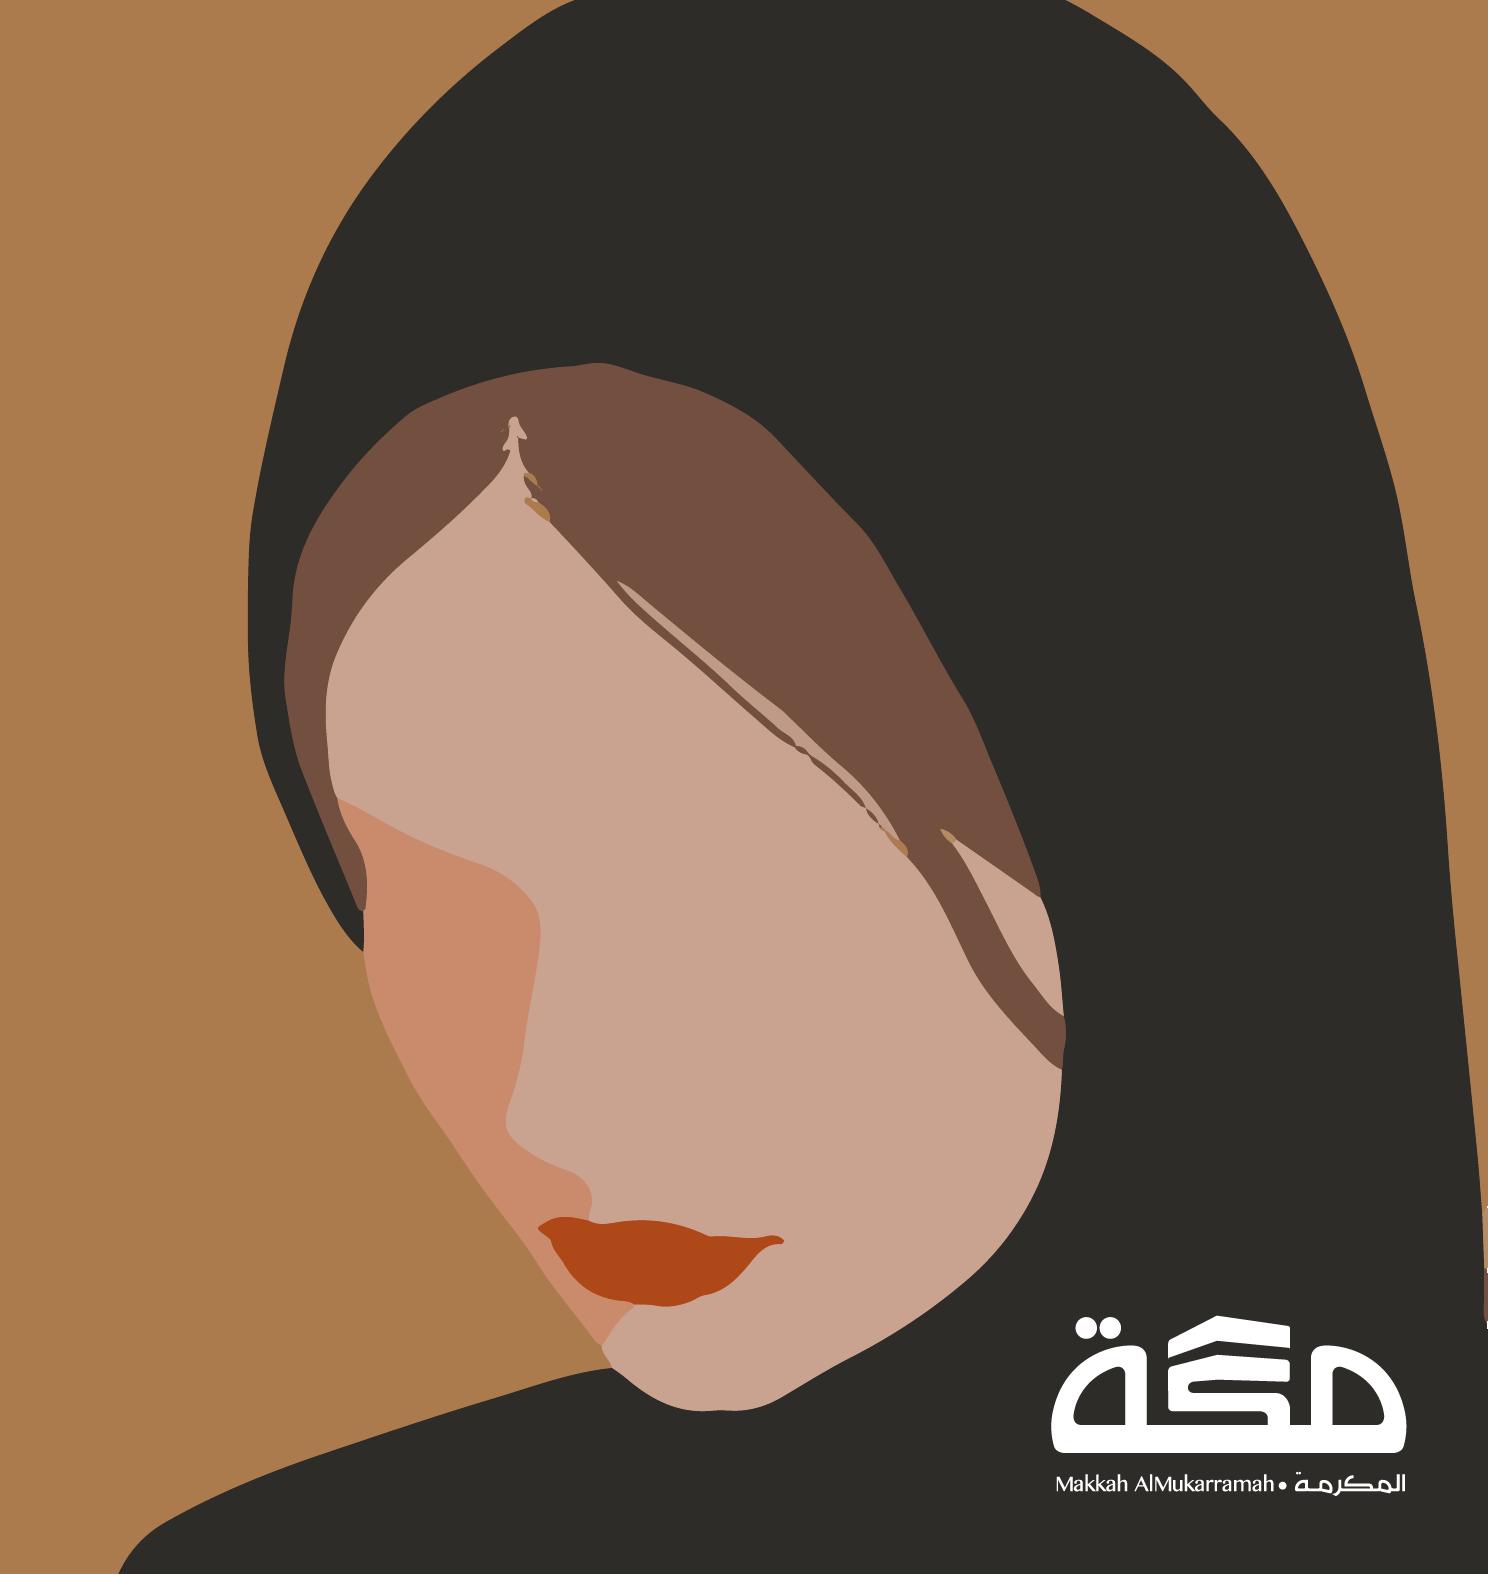 لول عبدالعزيز المصطفى